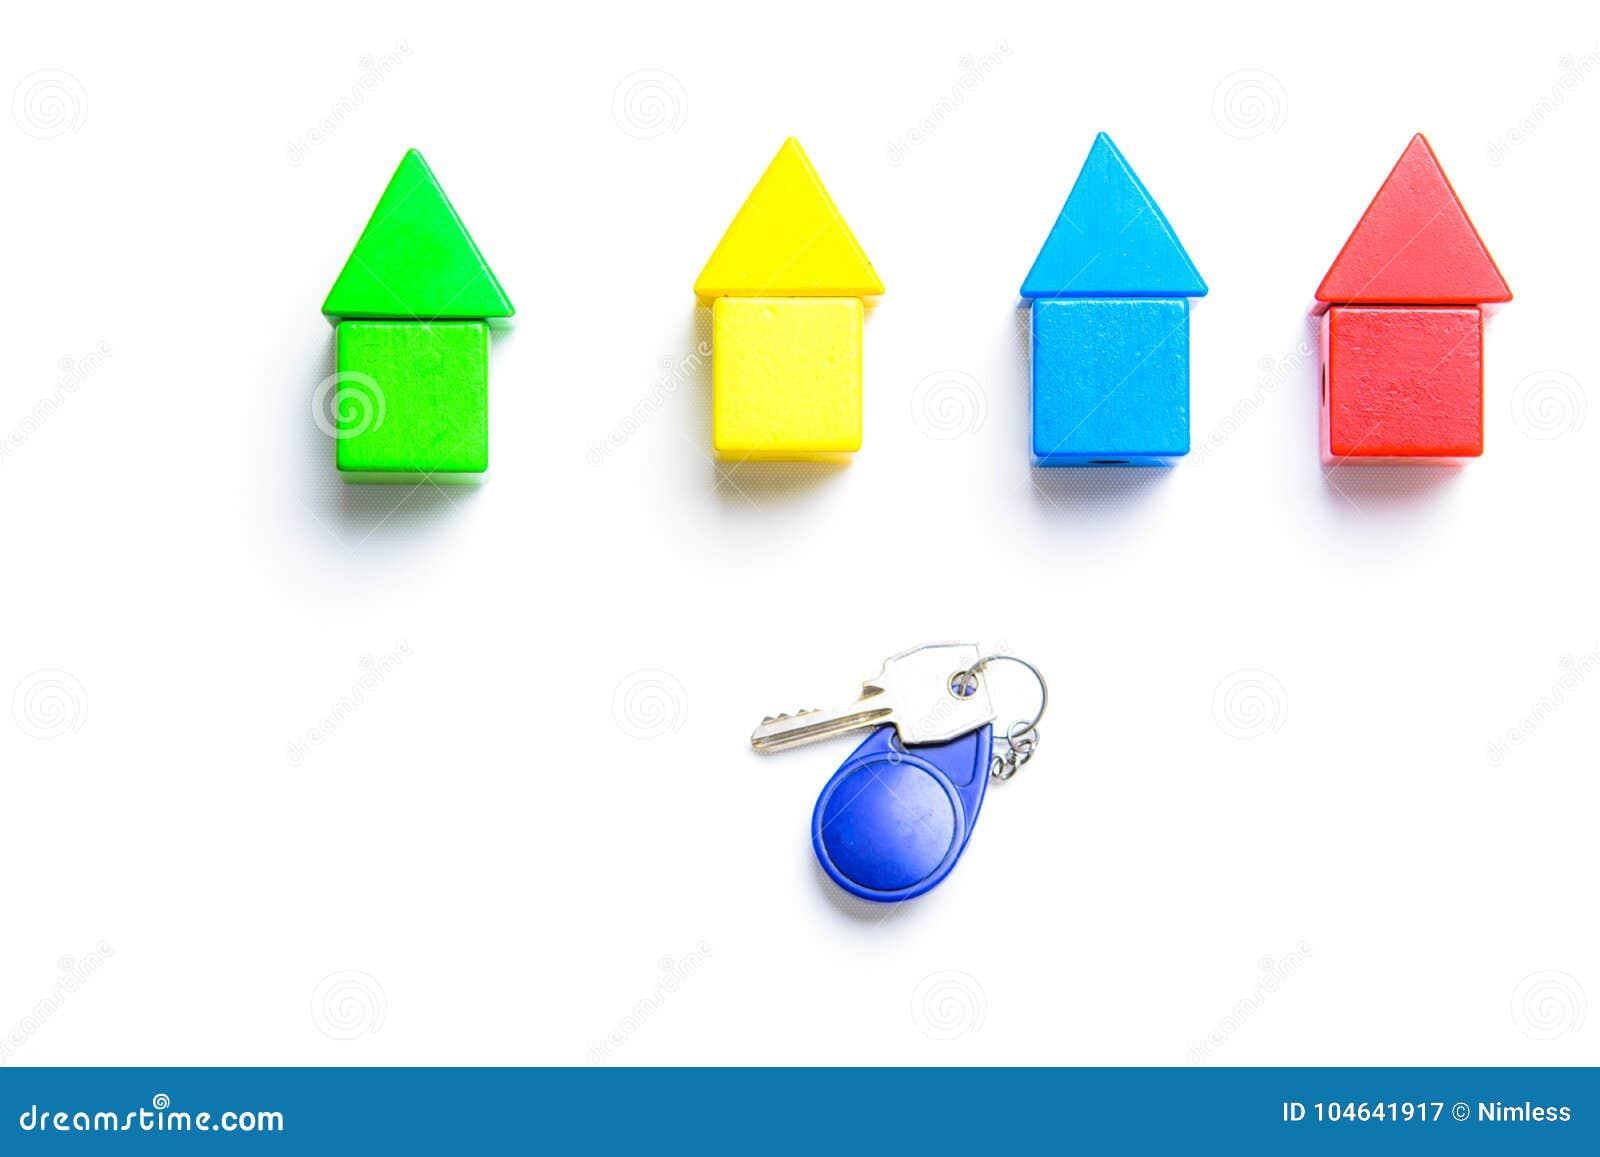 Download Verkies Om Een Huis Te Kopen Stock Afbeelding - Afbeelding bestaande uit energie, conceptueel: 104641917